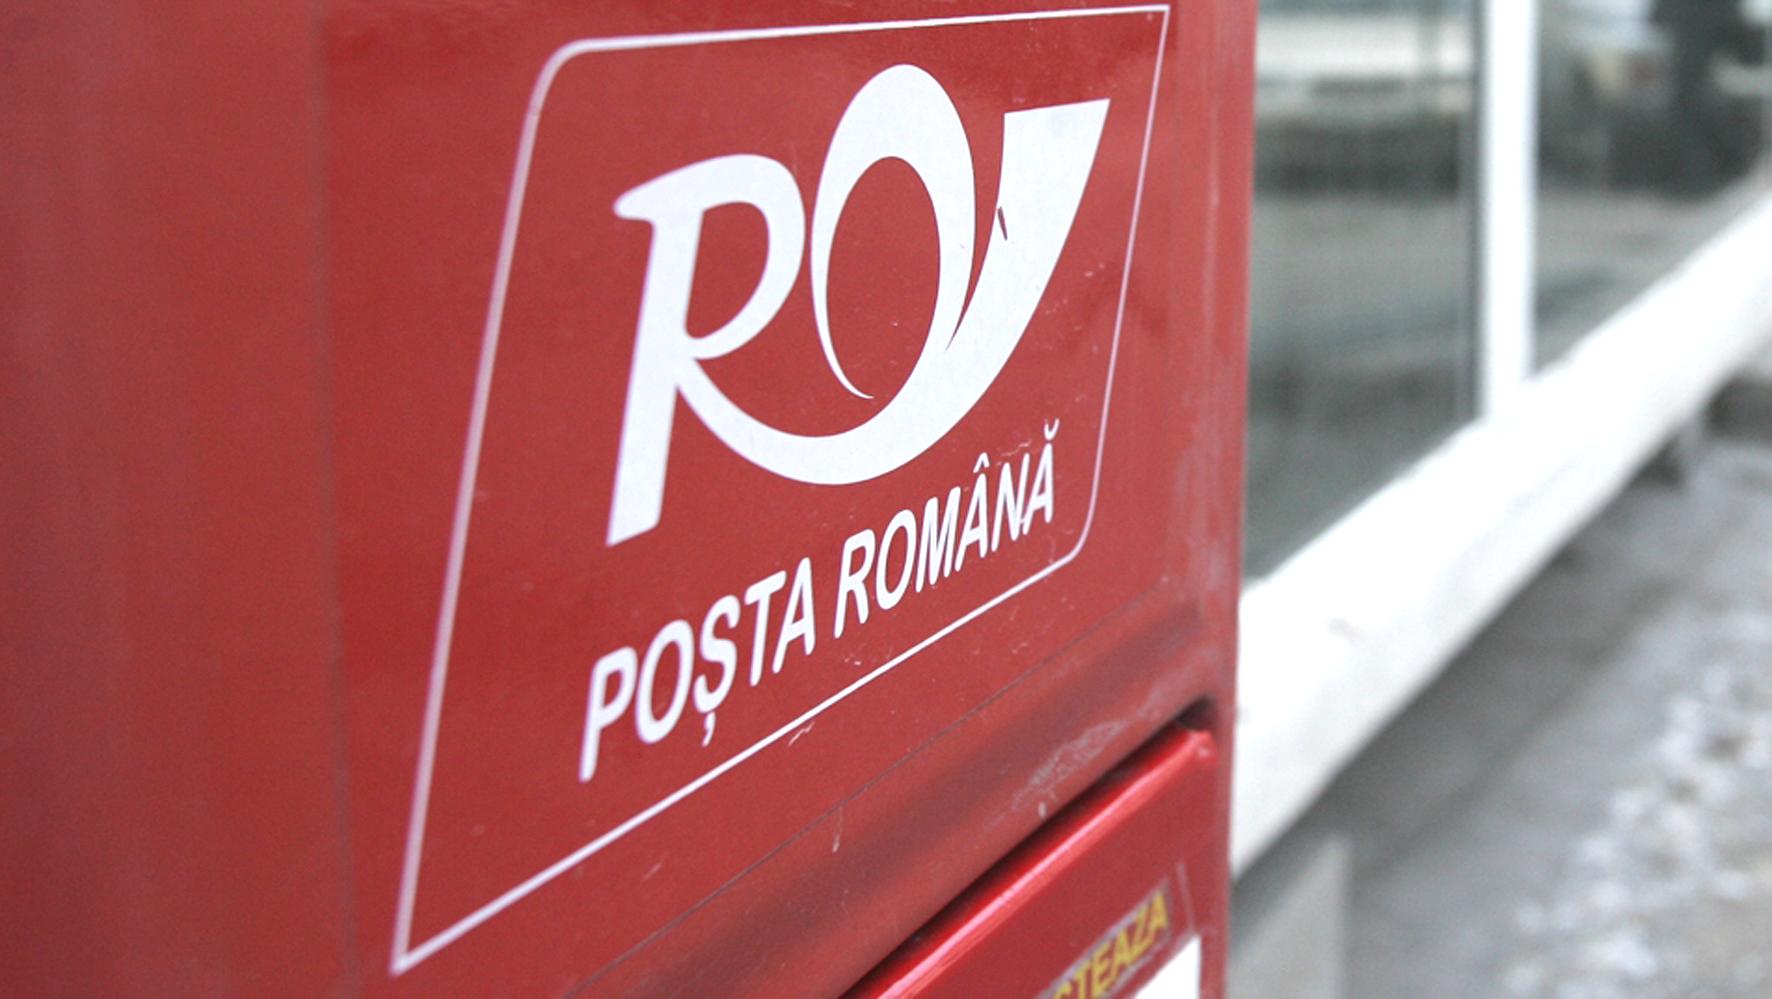 Poșta Română, anunț pentru pensionari în plină pandemie de coronavirus